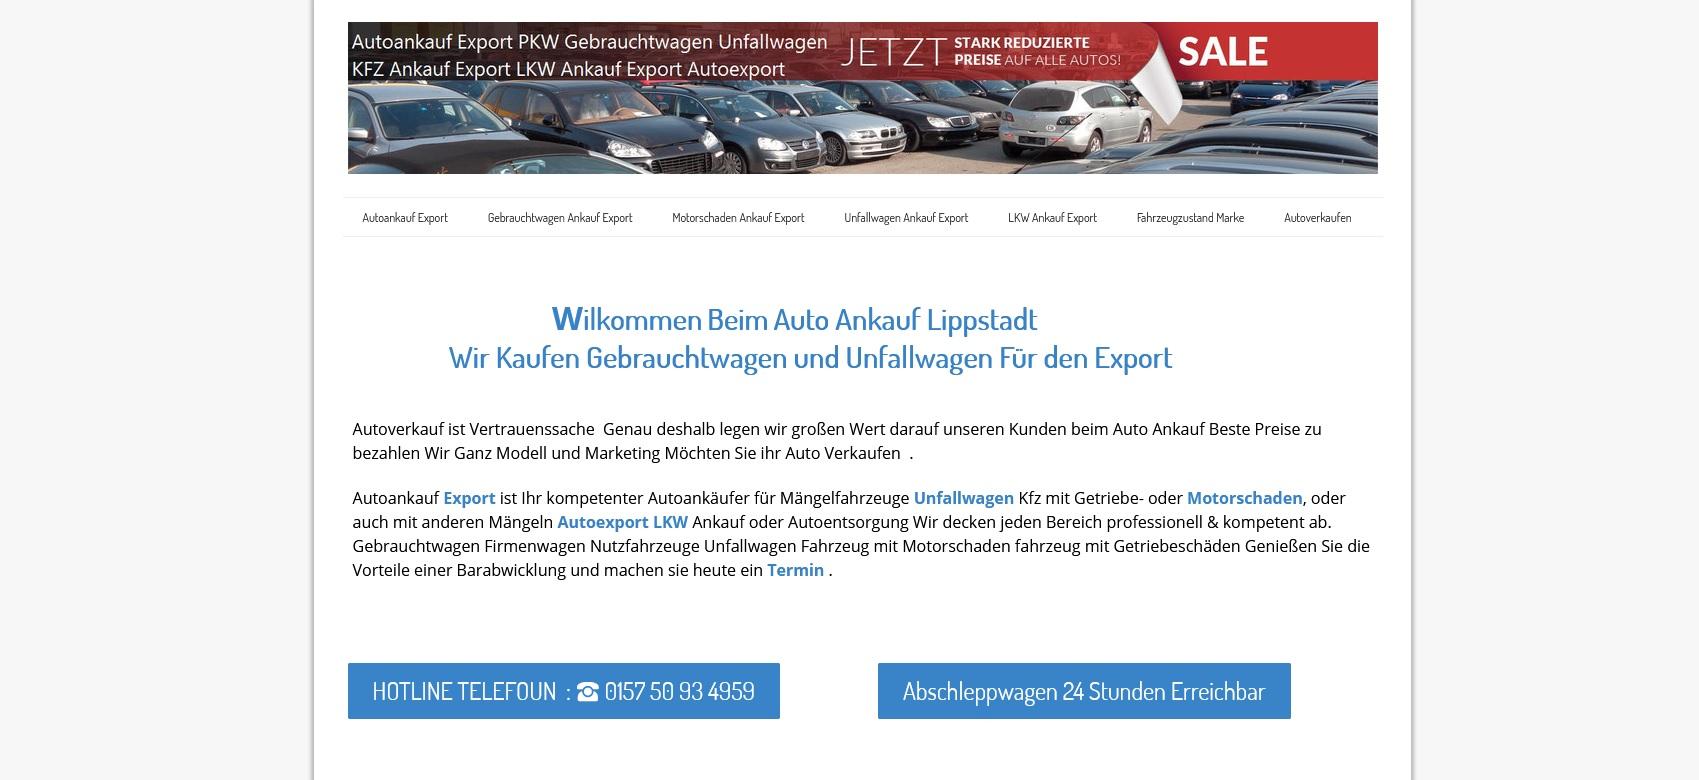 """kfz ankauf export lippstadt kauft die fahrzeuge definitiv wie gesehen - Kfz-Ankauf-Export Lippstadt kauft die Fahrzeuge definitiv """"wie gesehen"""""""